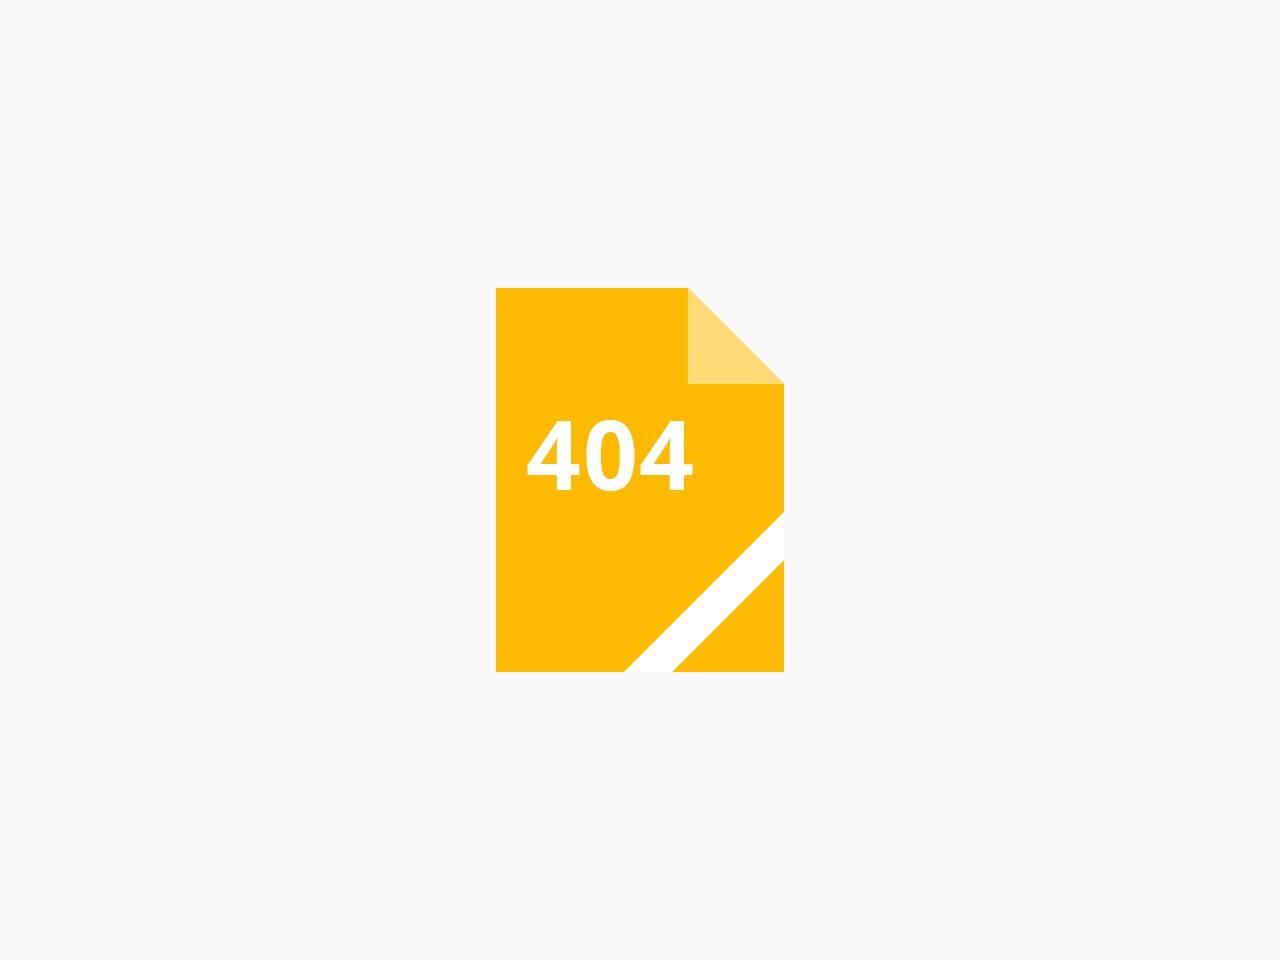 碧水湾温泉度假村官方网站